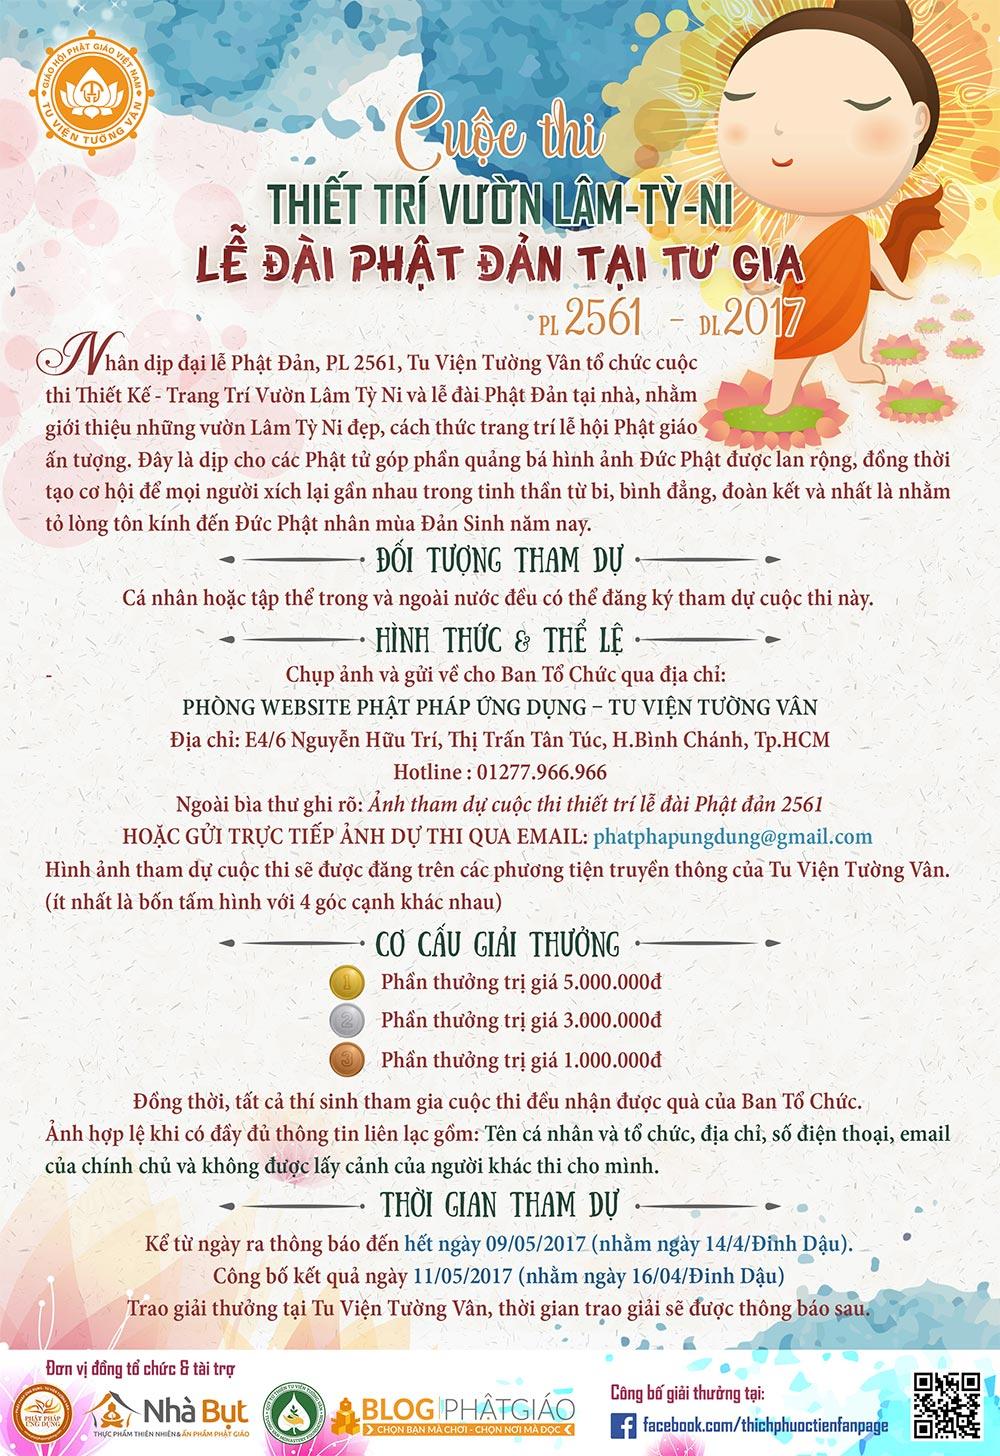 Thông Báo Cuộc Thi Thiết Trí Vườn Lâm Tỳ Ni - Lễ Đài Phật Đản Tại Tư Gia